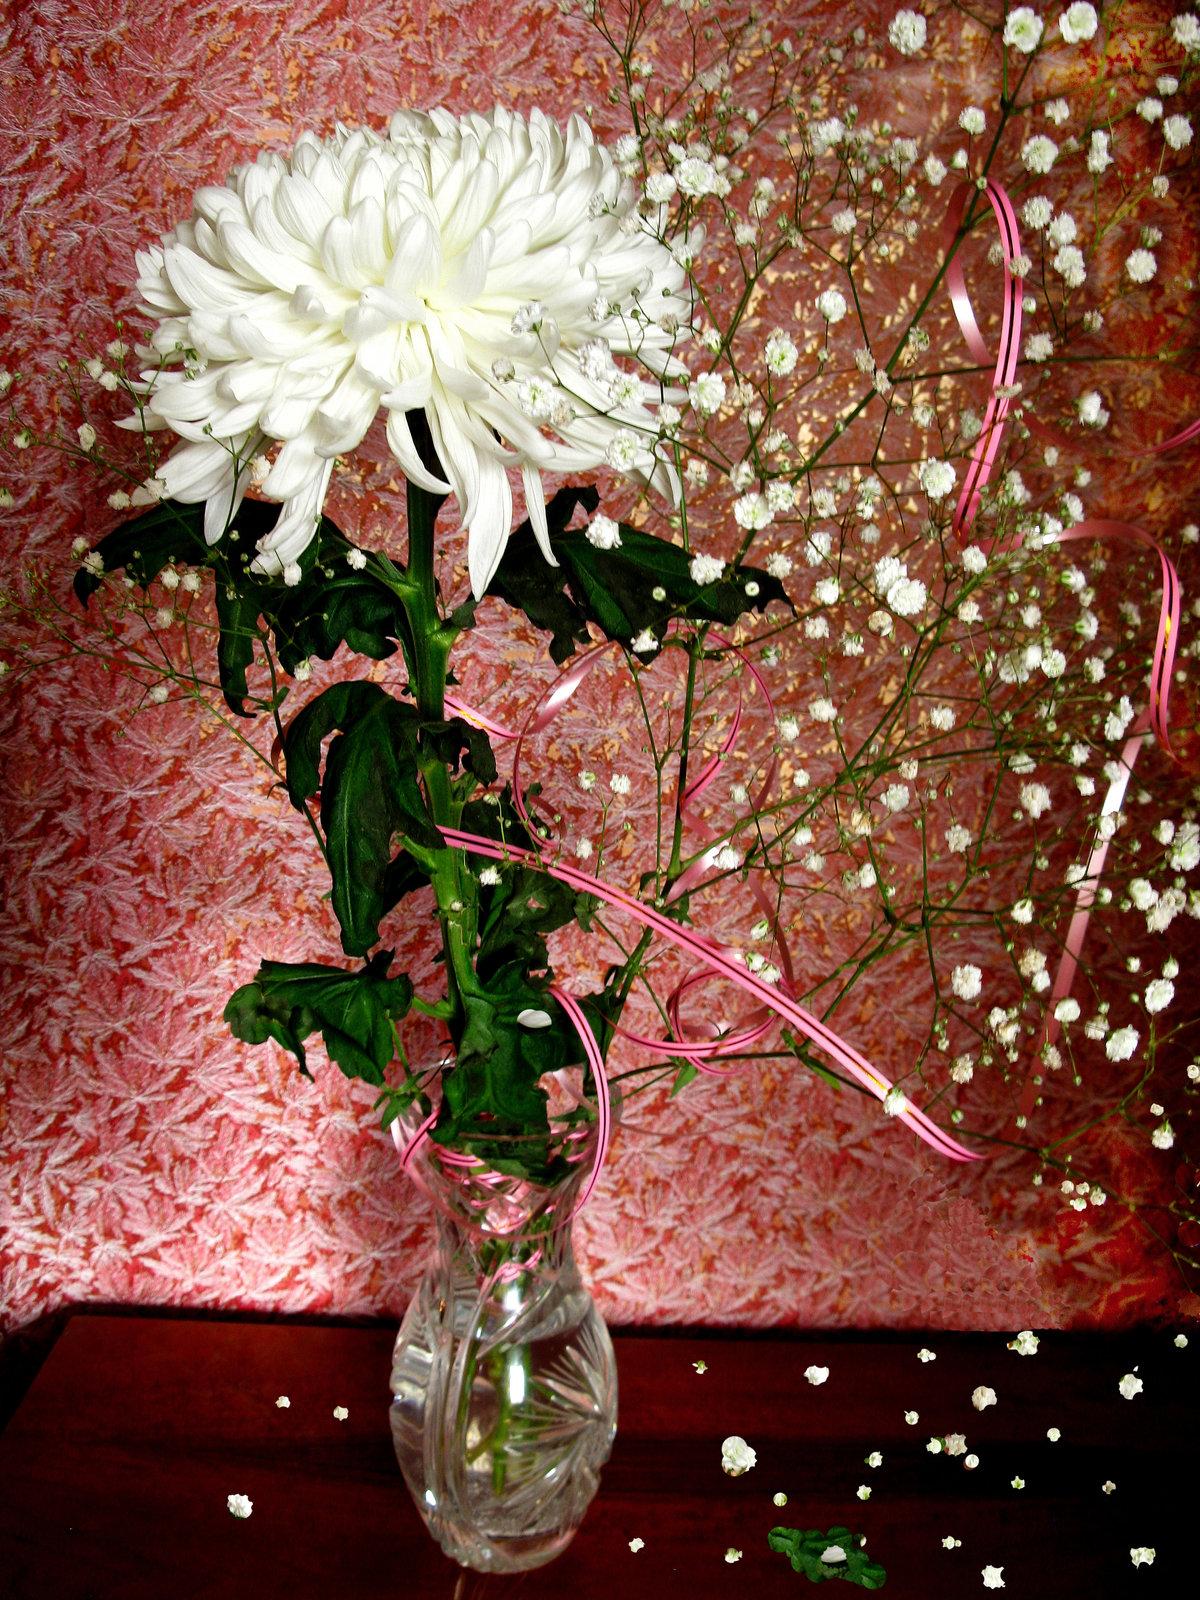 фотографии хризантем в вазе на окне потому, что